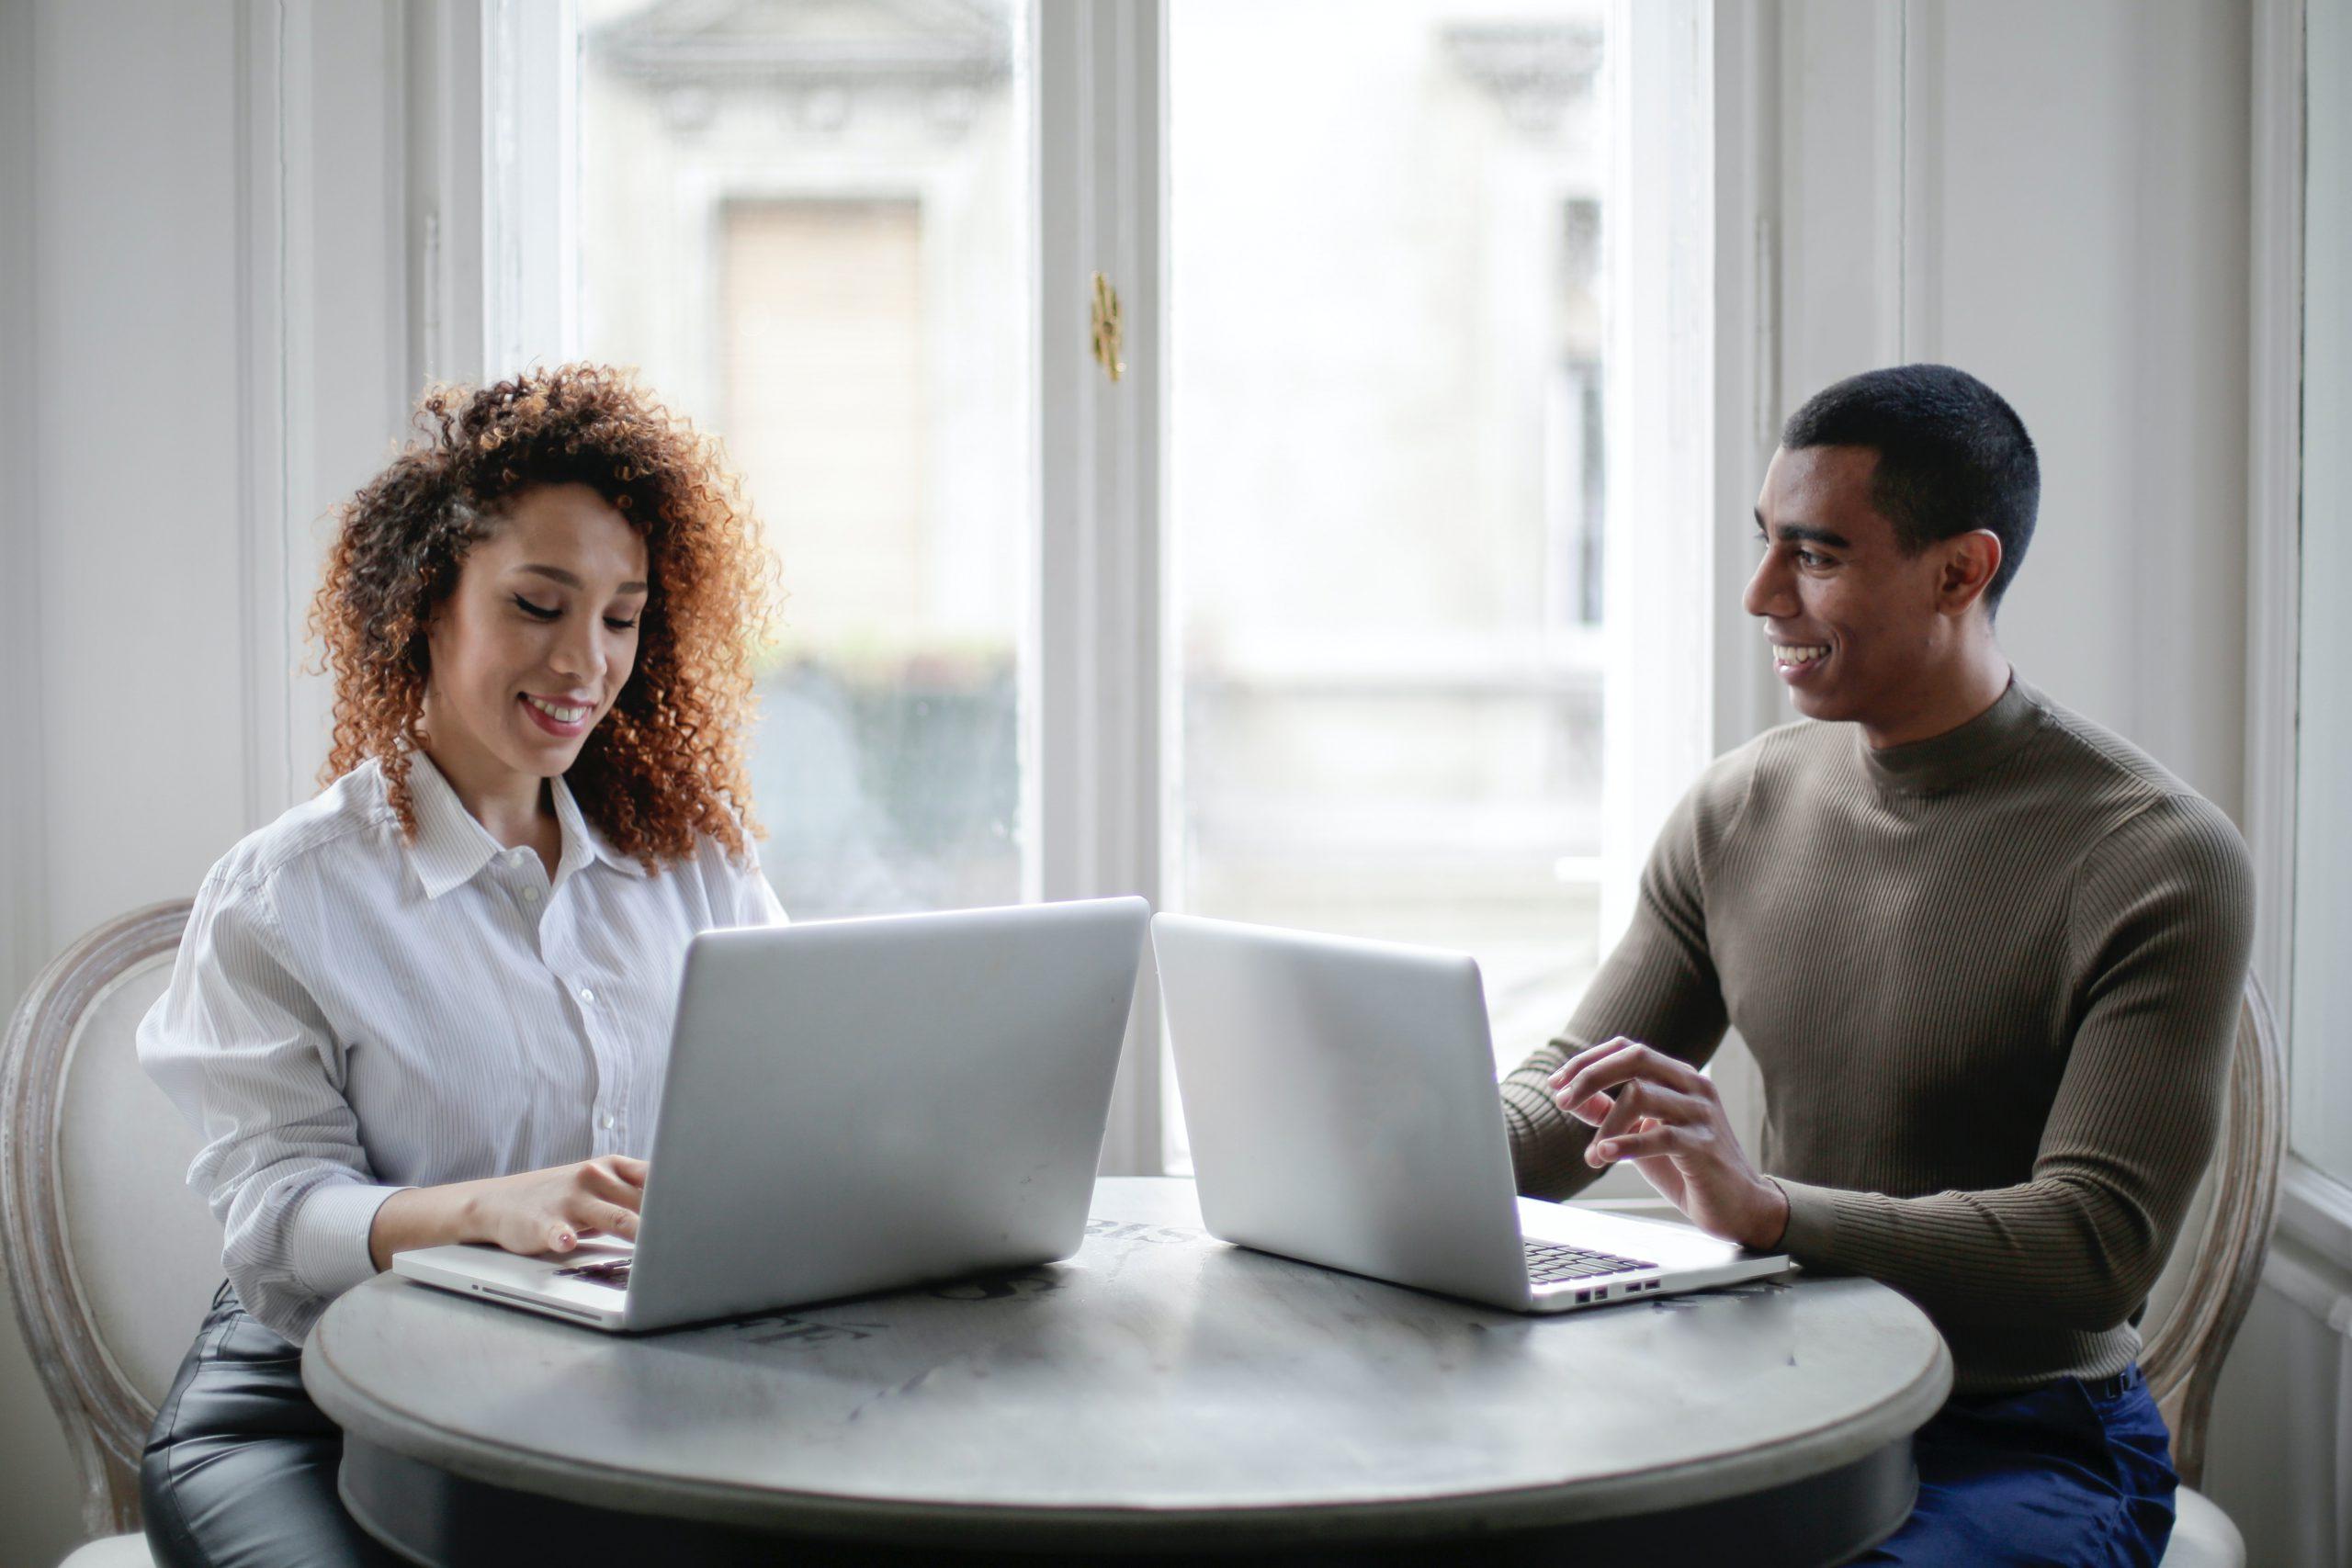 เลือกบริษัทรับทำวิจัยอย่างไร ให้ถูกใจ และตรงตามต้องการ